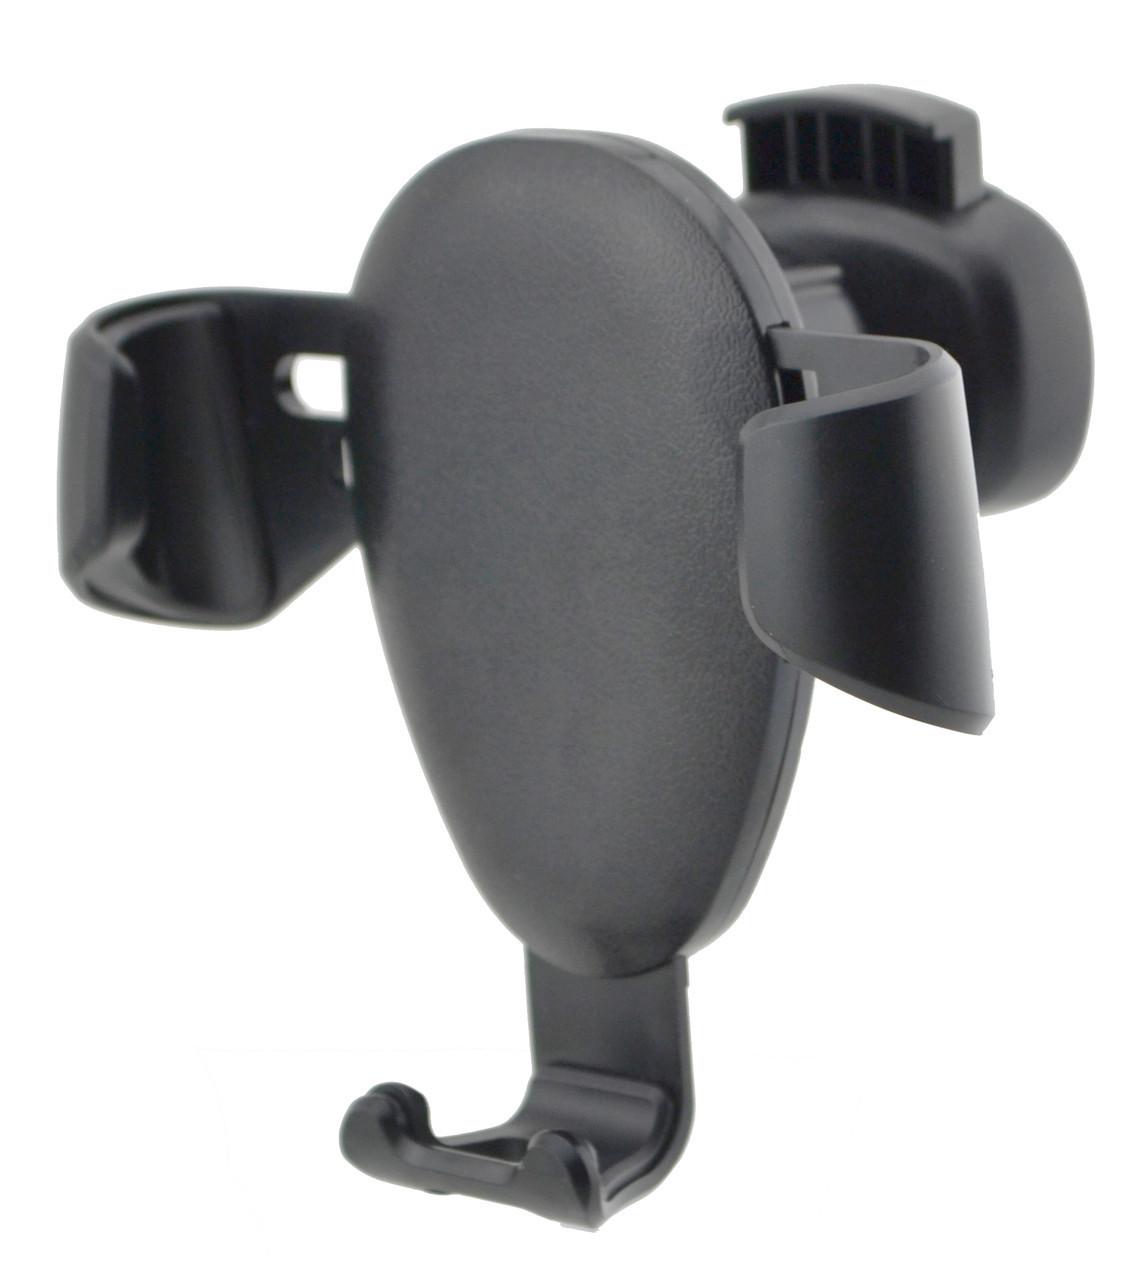 ✅  Держатель для телефона в машину, подставка для смартфона, Чёрный, автодержатель для телефона (GK)